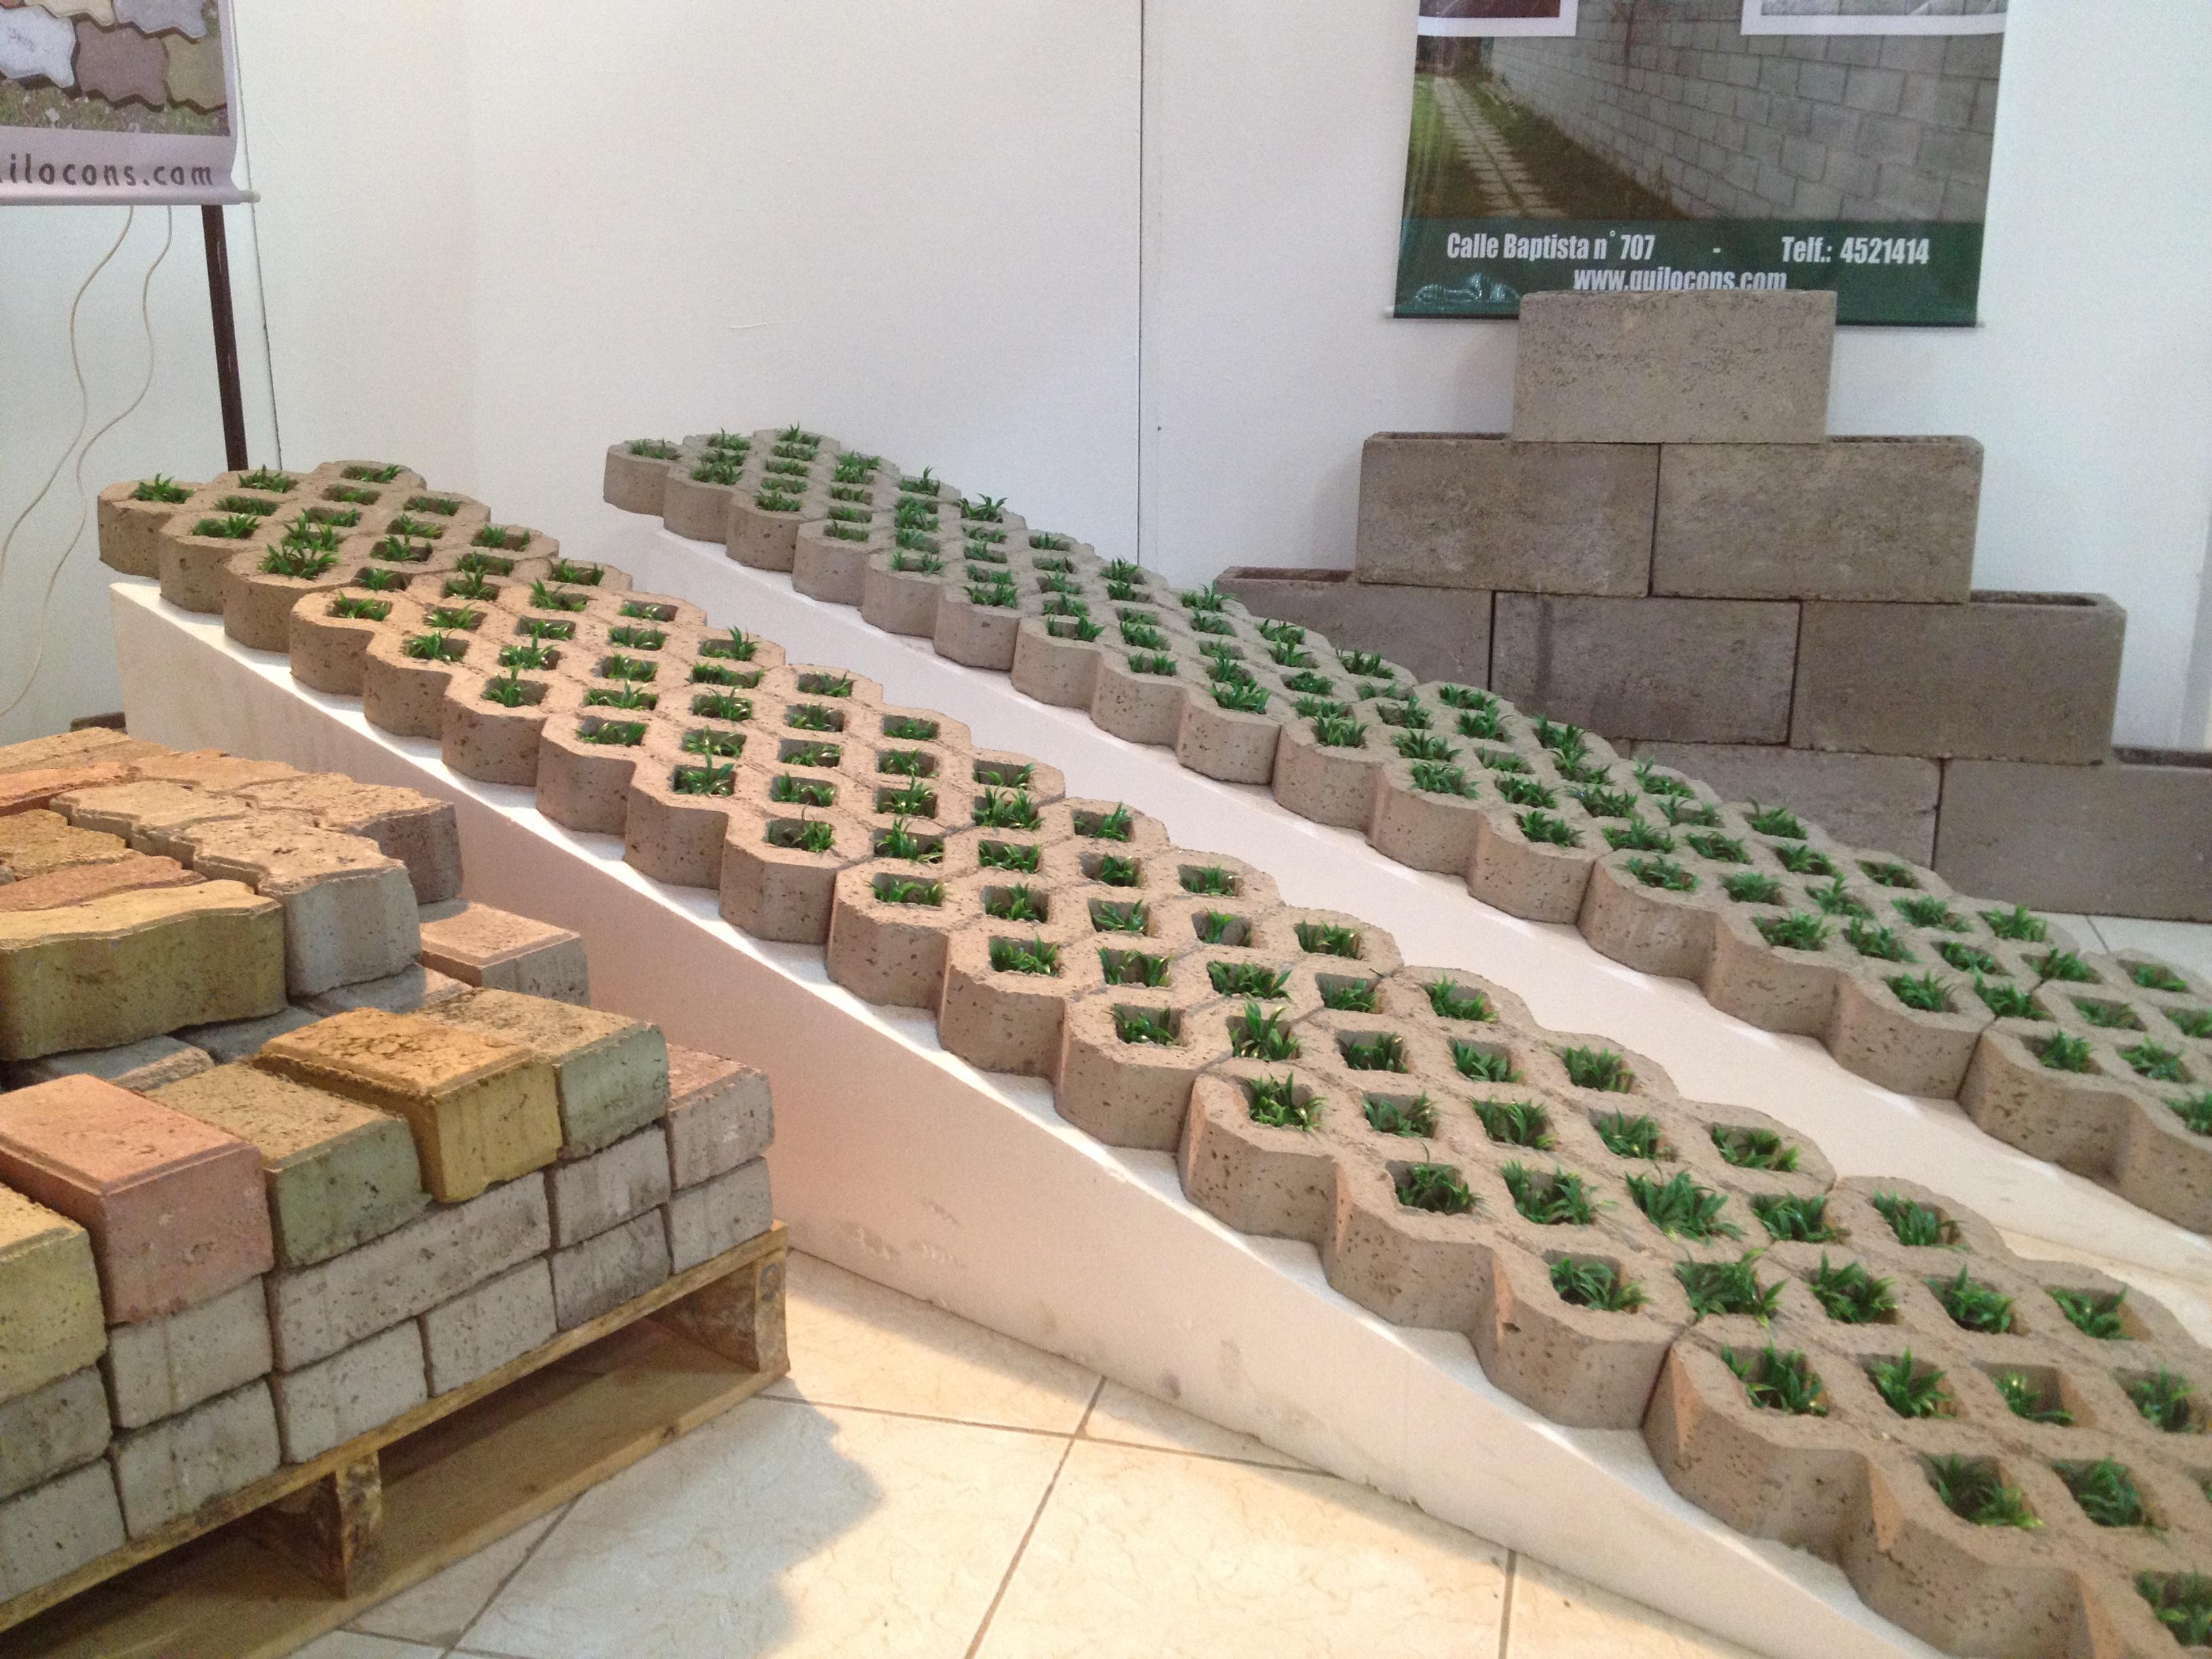 Quilocons srl prefabricados para la construccion - Loseta para jardin ...